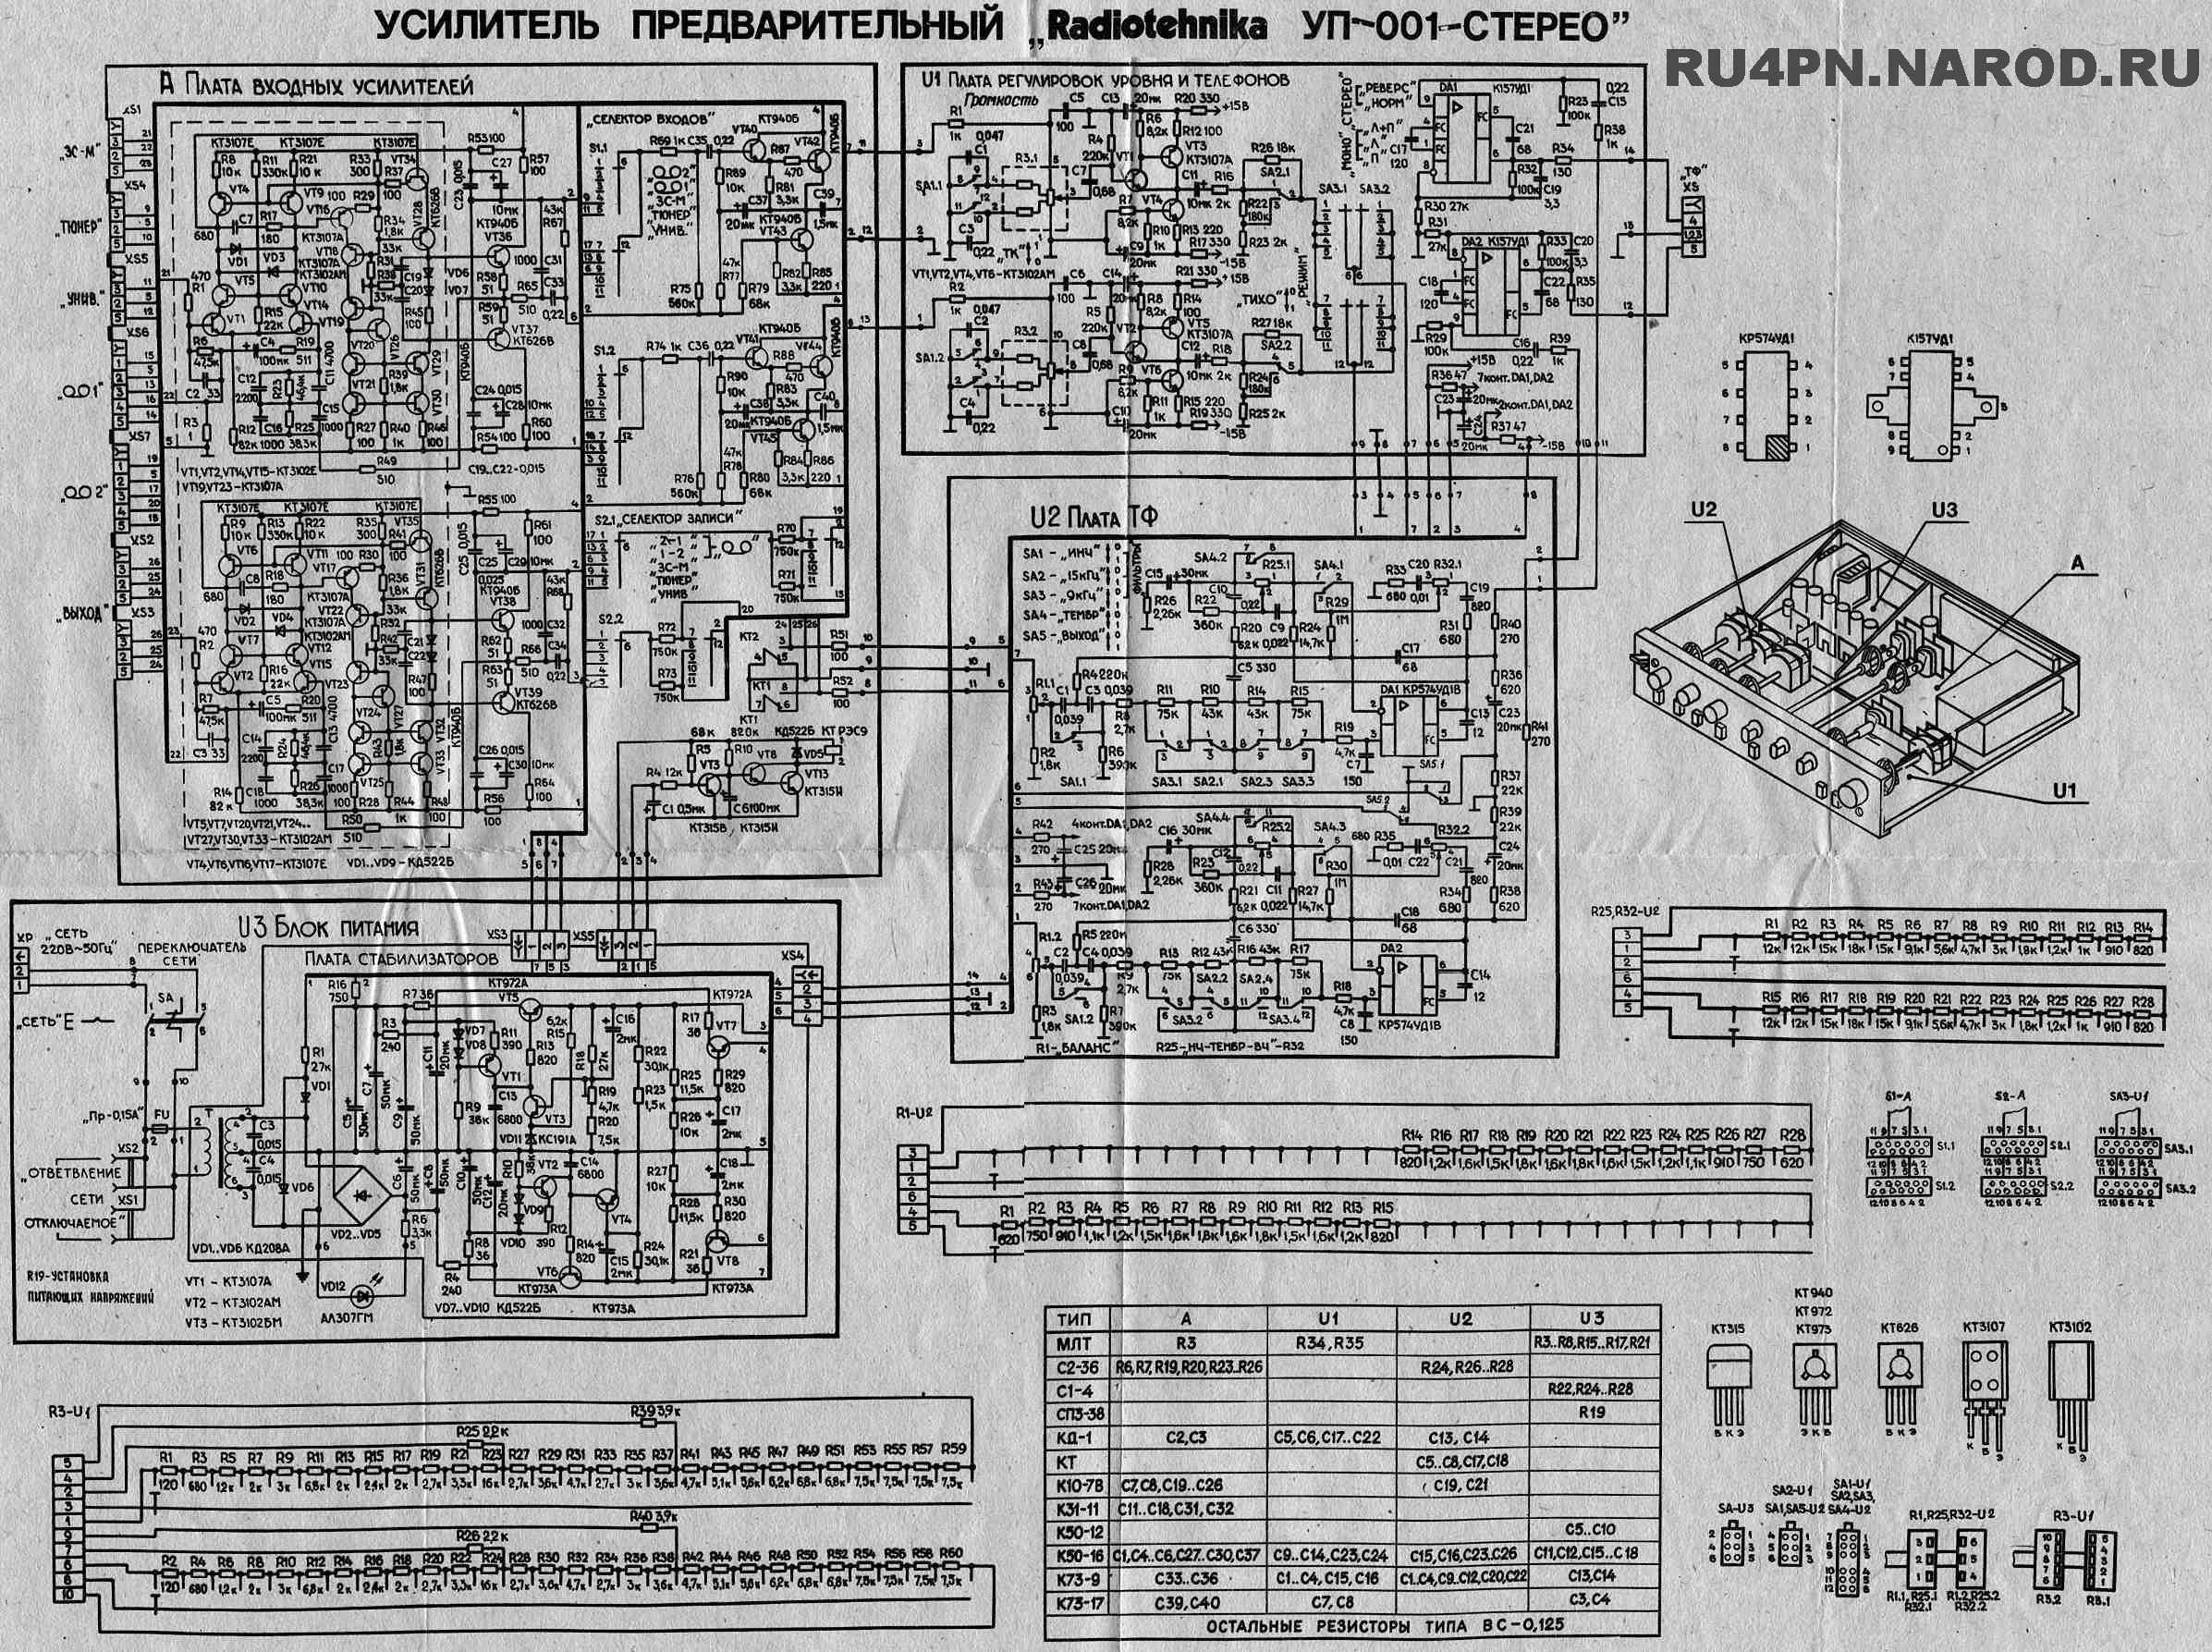 Корвет уп-028с аудиоаппаратура форум по радиоэлектронике.